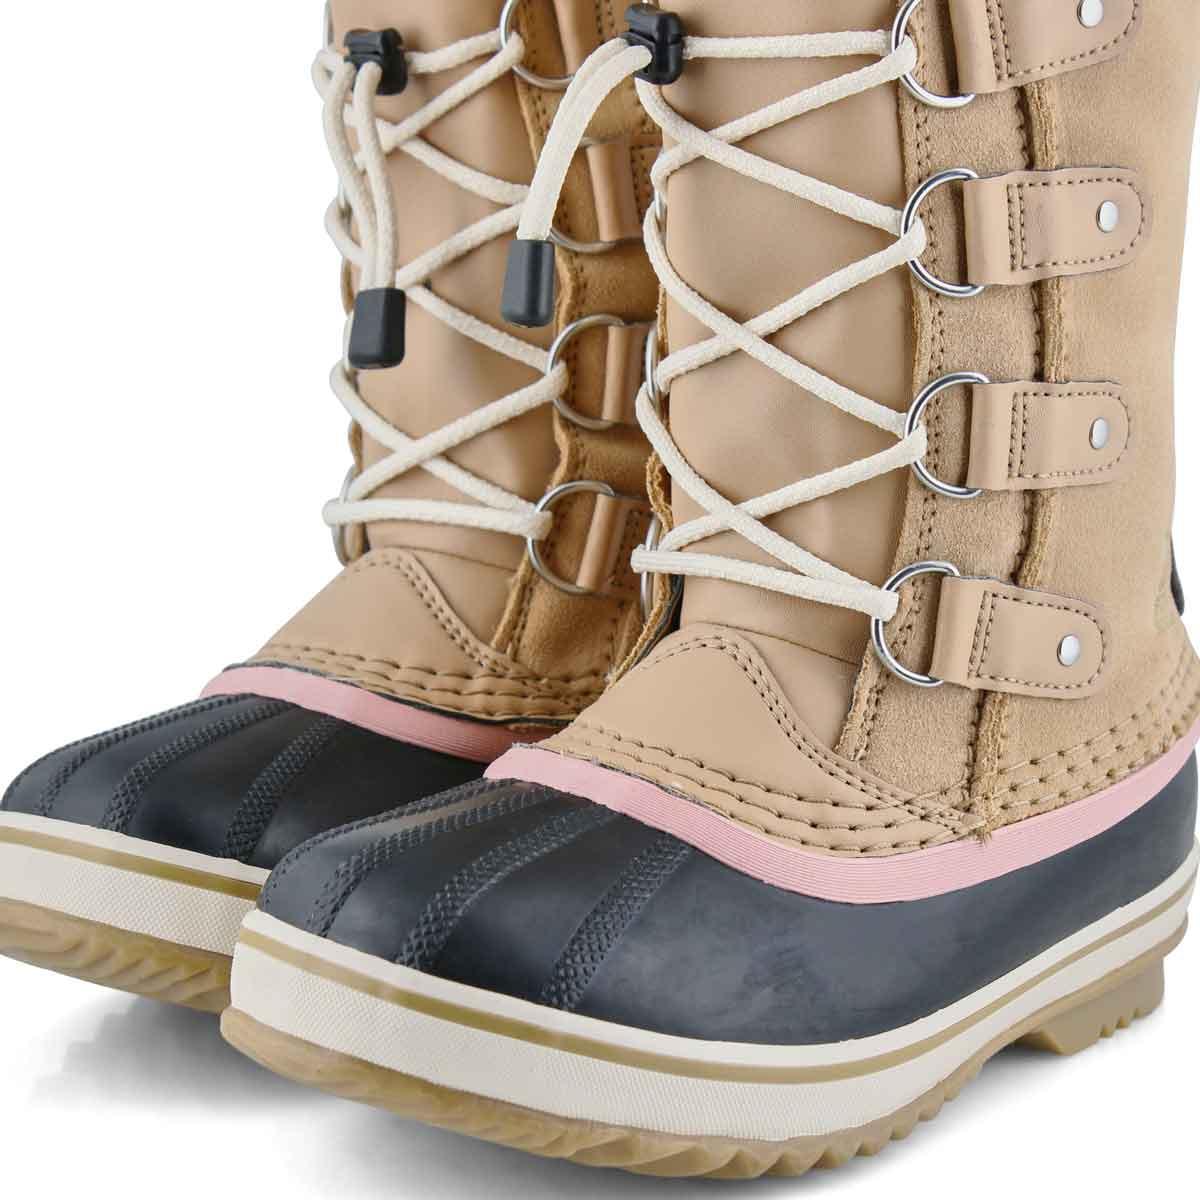 Girls' Joan Of Arctic Waterproof Snow Boot - Beige